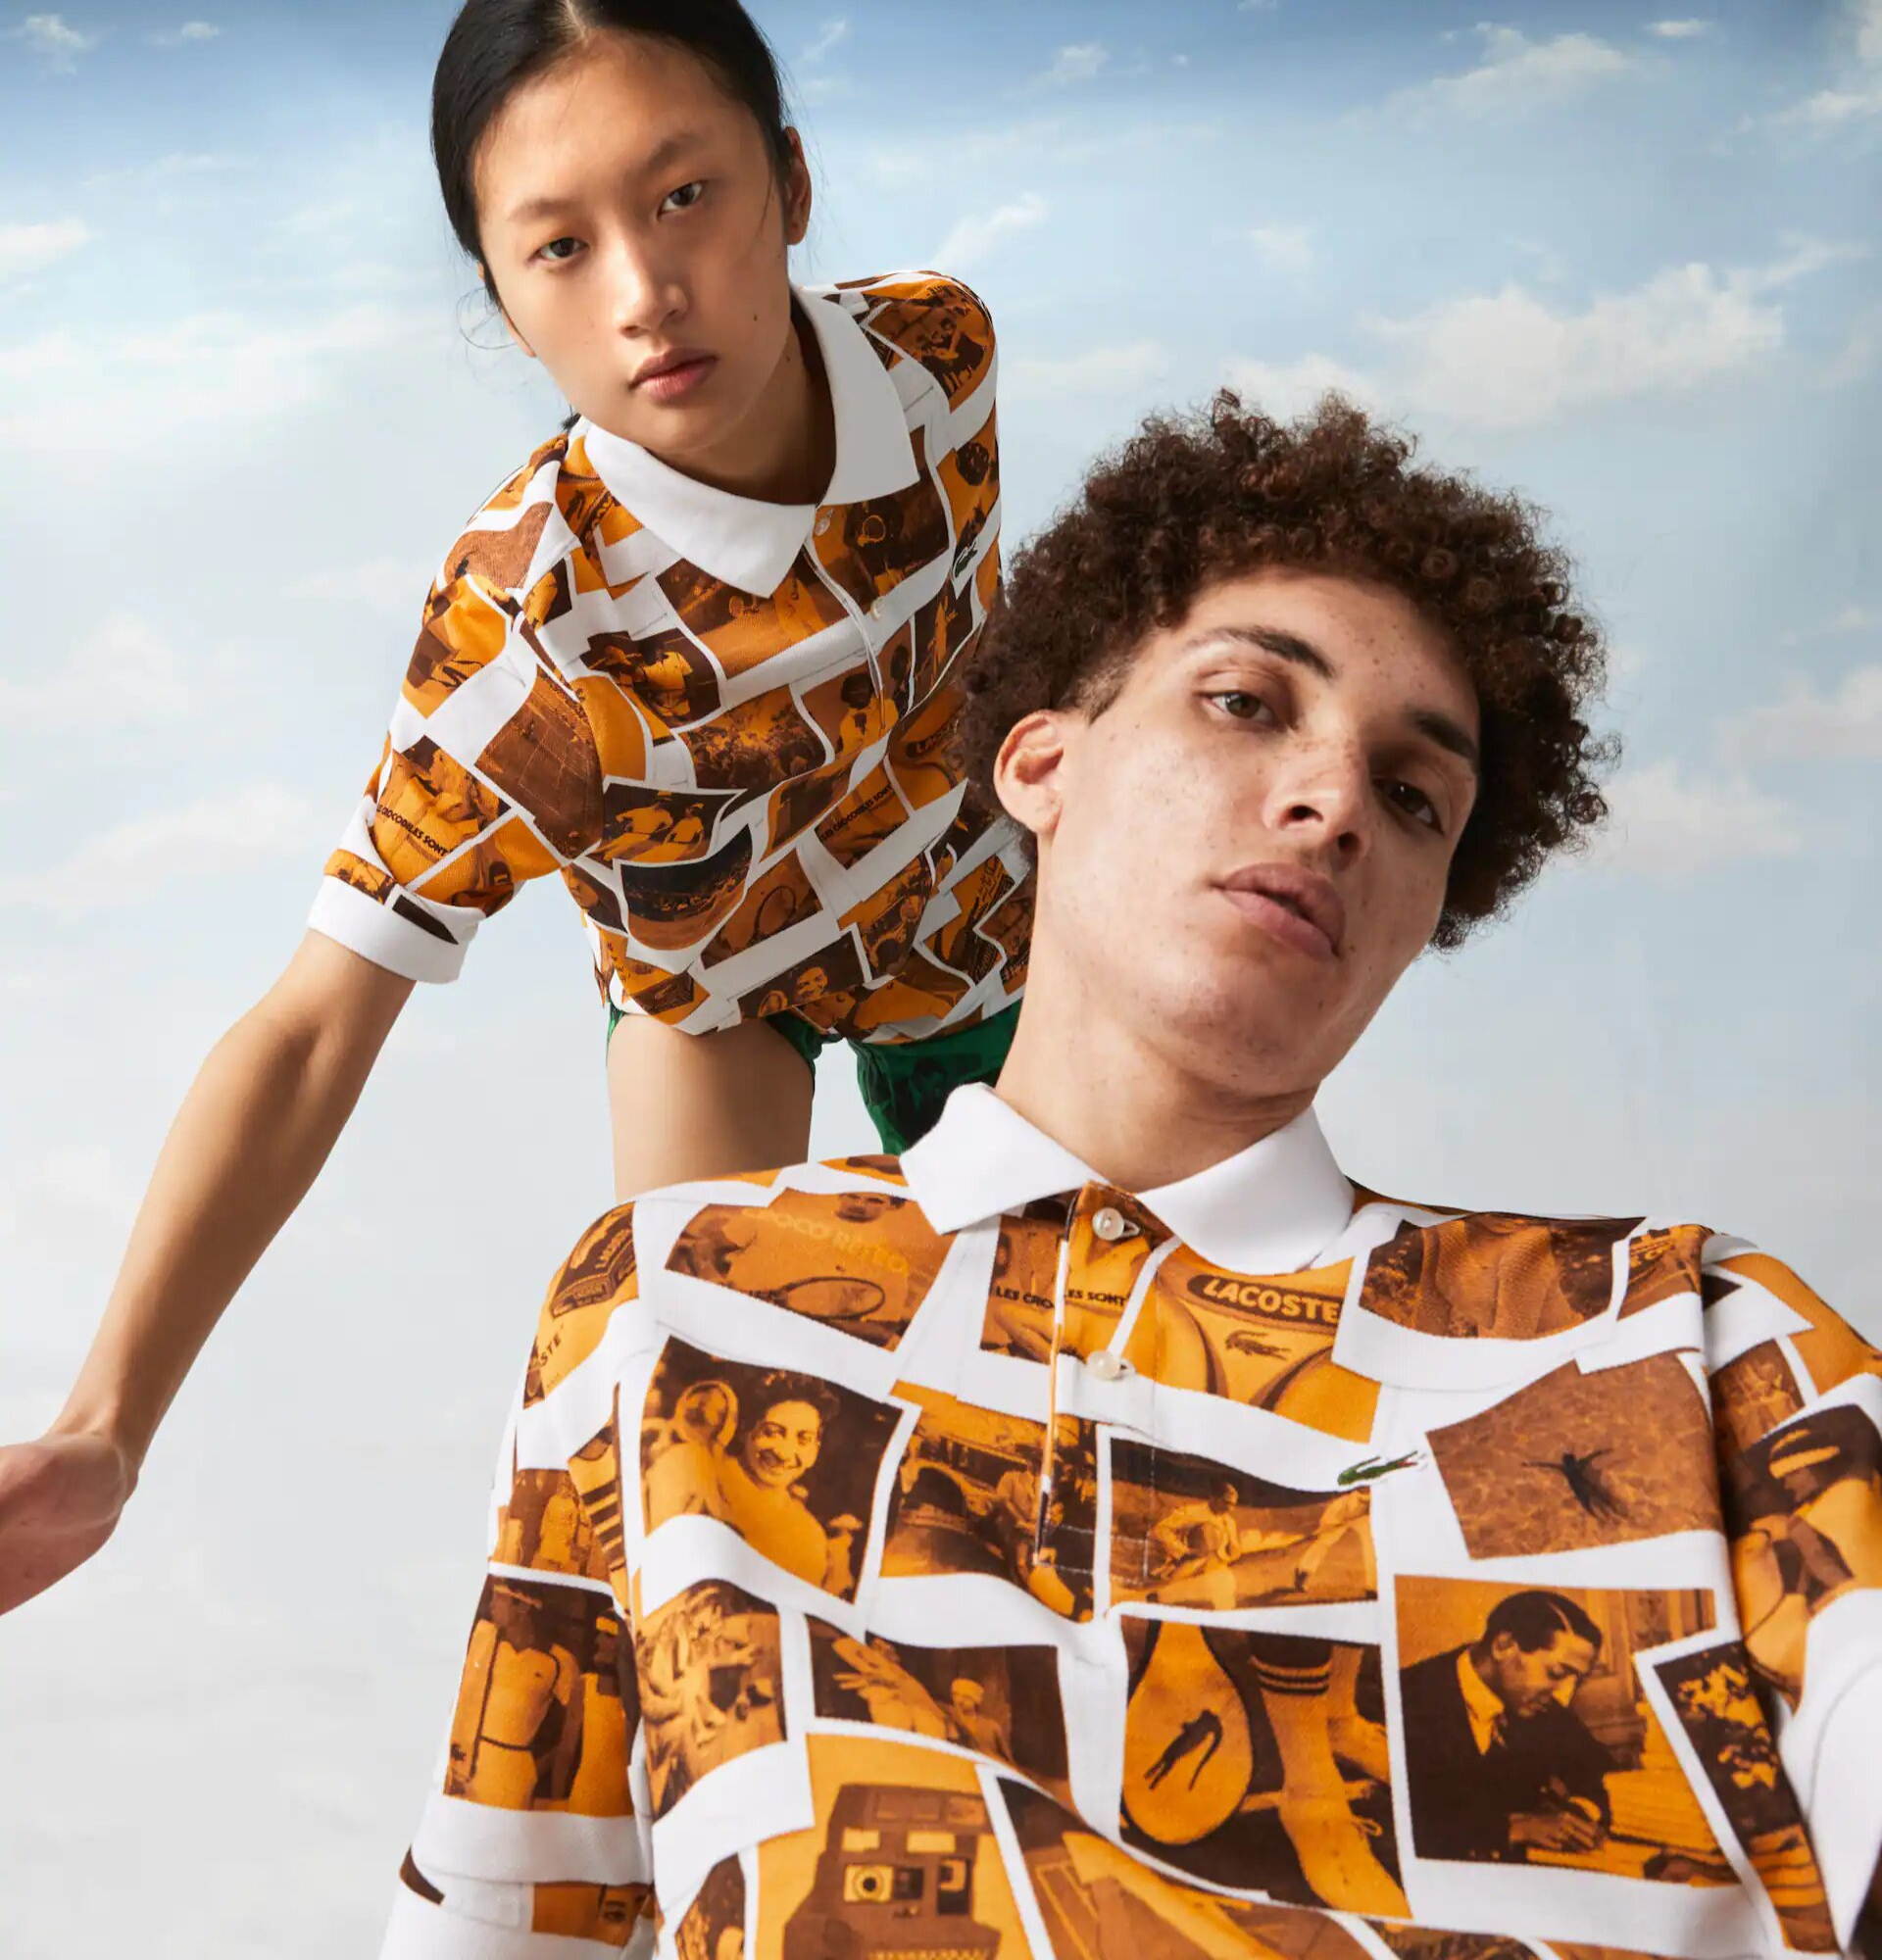 Lacoste lanzó una colaboración Polaroid: imágenes